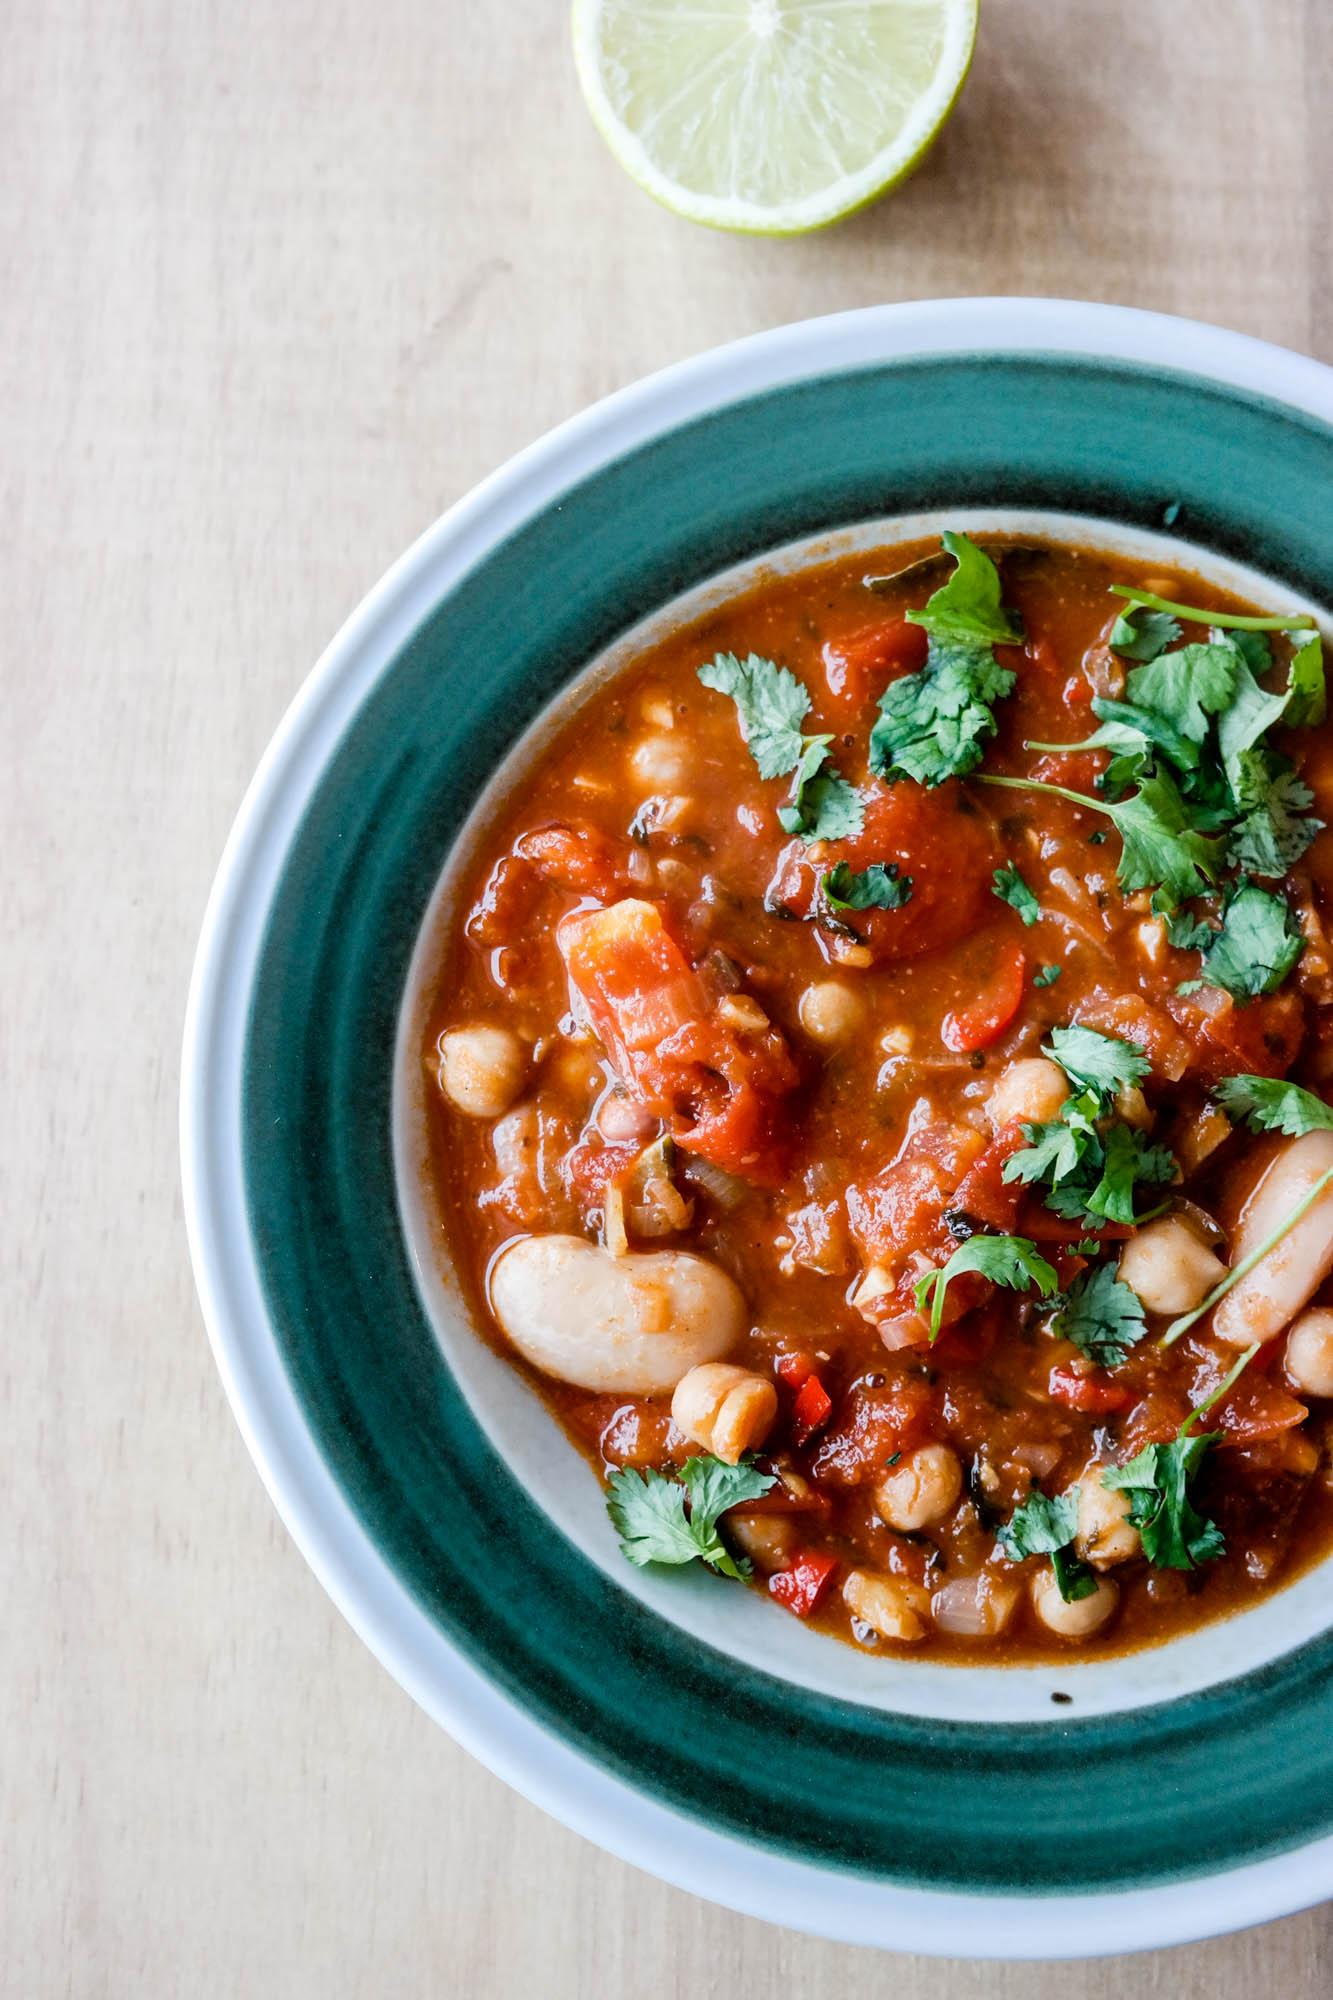 Chilli sin carne, eller chili con tofu? Det handler jo om å fylle på istedet for å trekke fra, så vi sier chili con tofu!